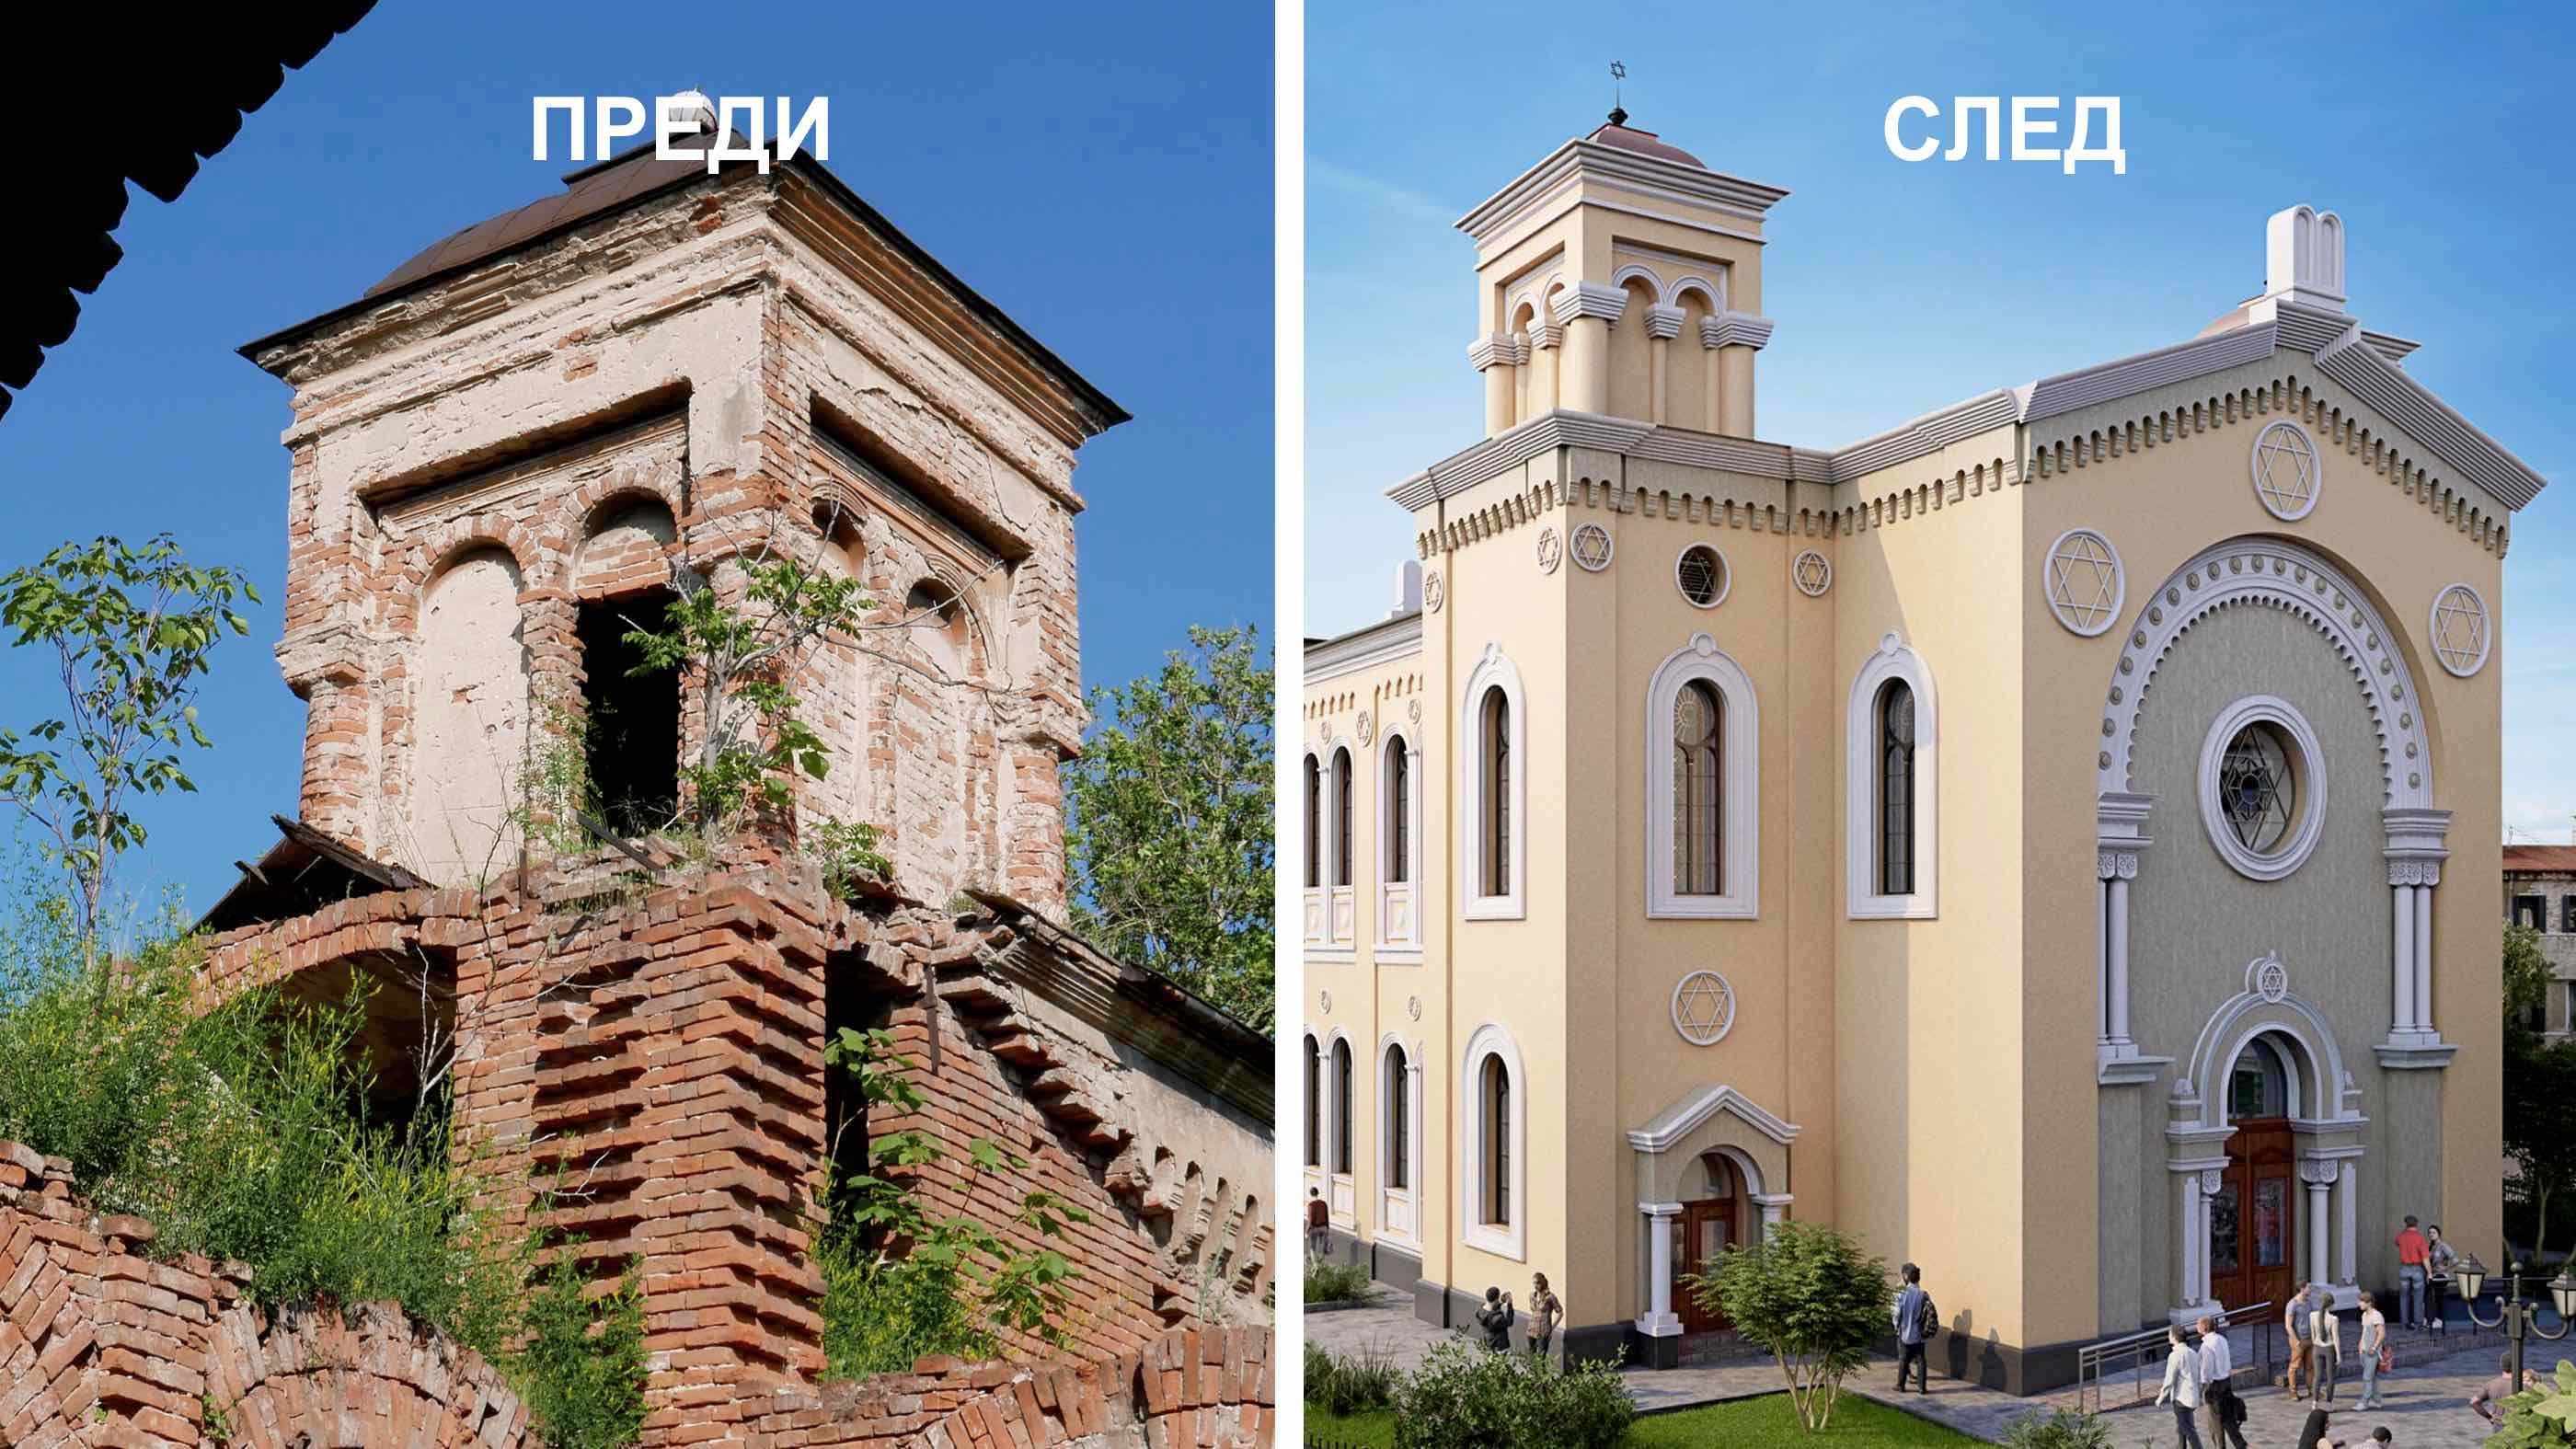 Чудесата на Дунав Ултра: Синагогата във Видин